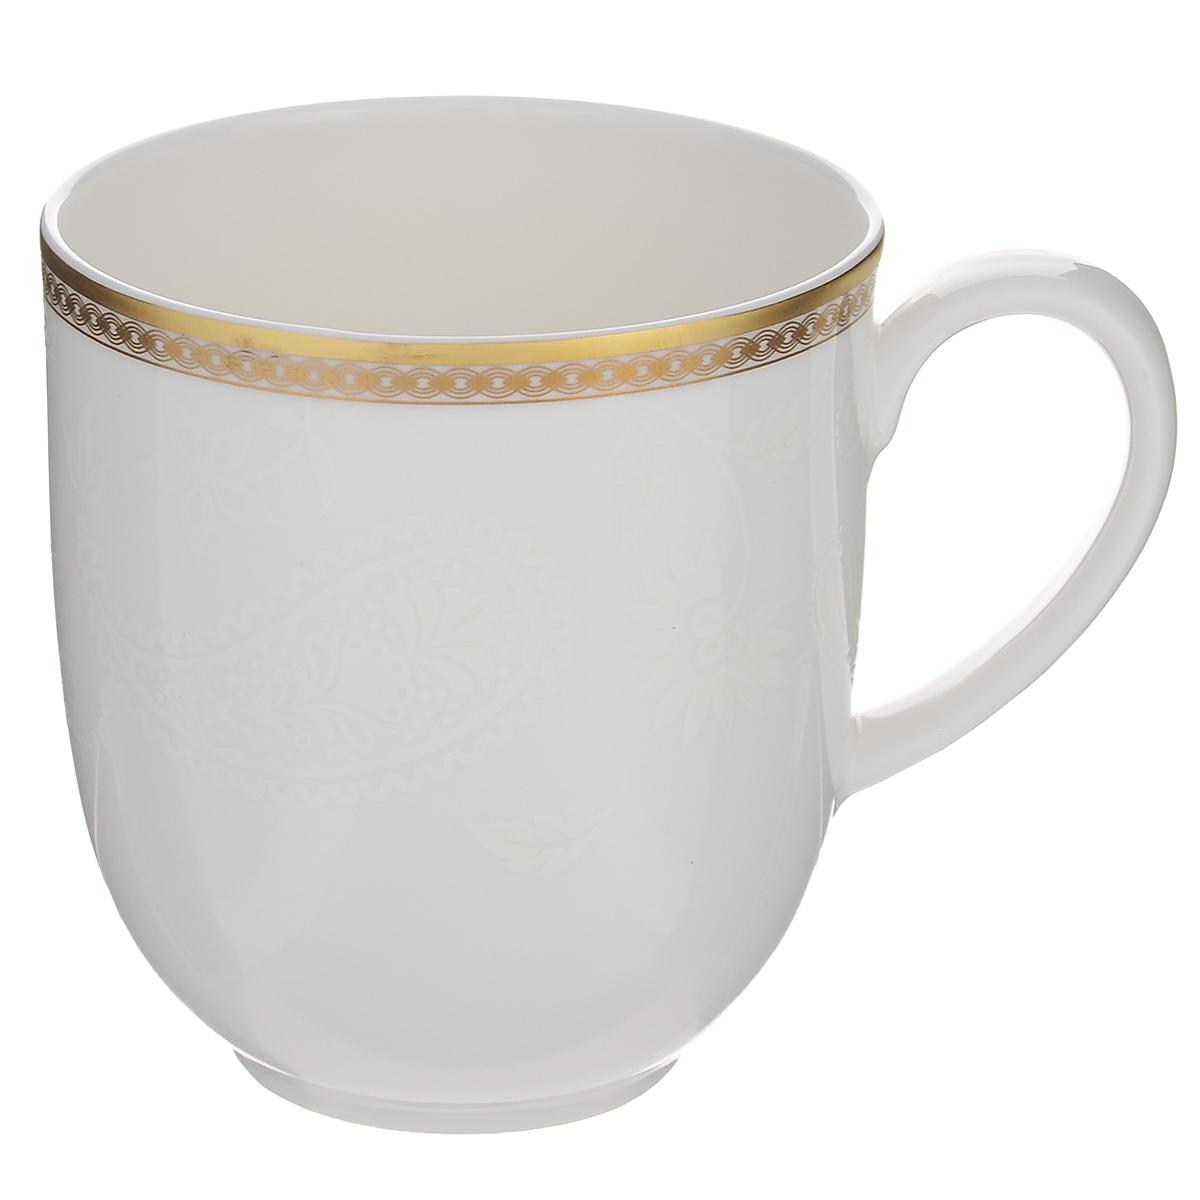 """Кружка Royal Porcelain """"Золотая вышивка"""", цвет: белый, 280 мл"""